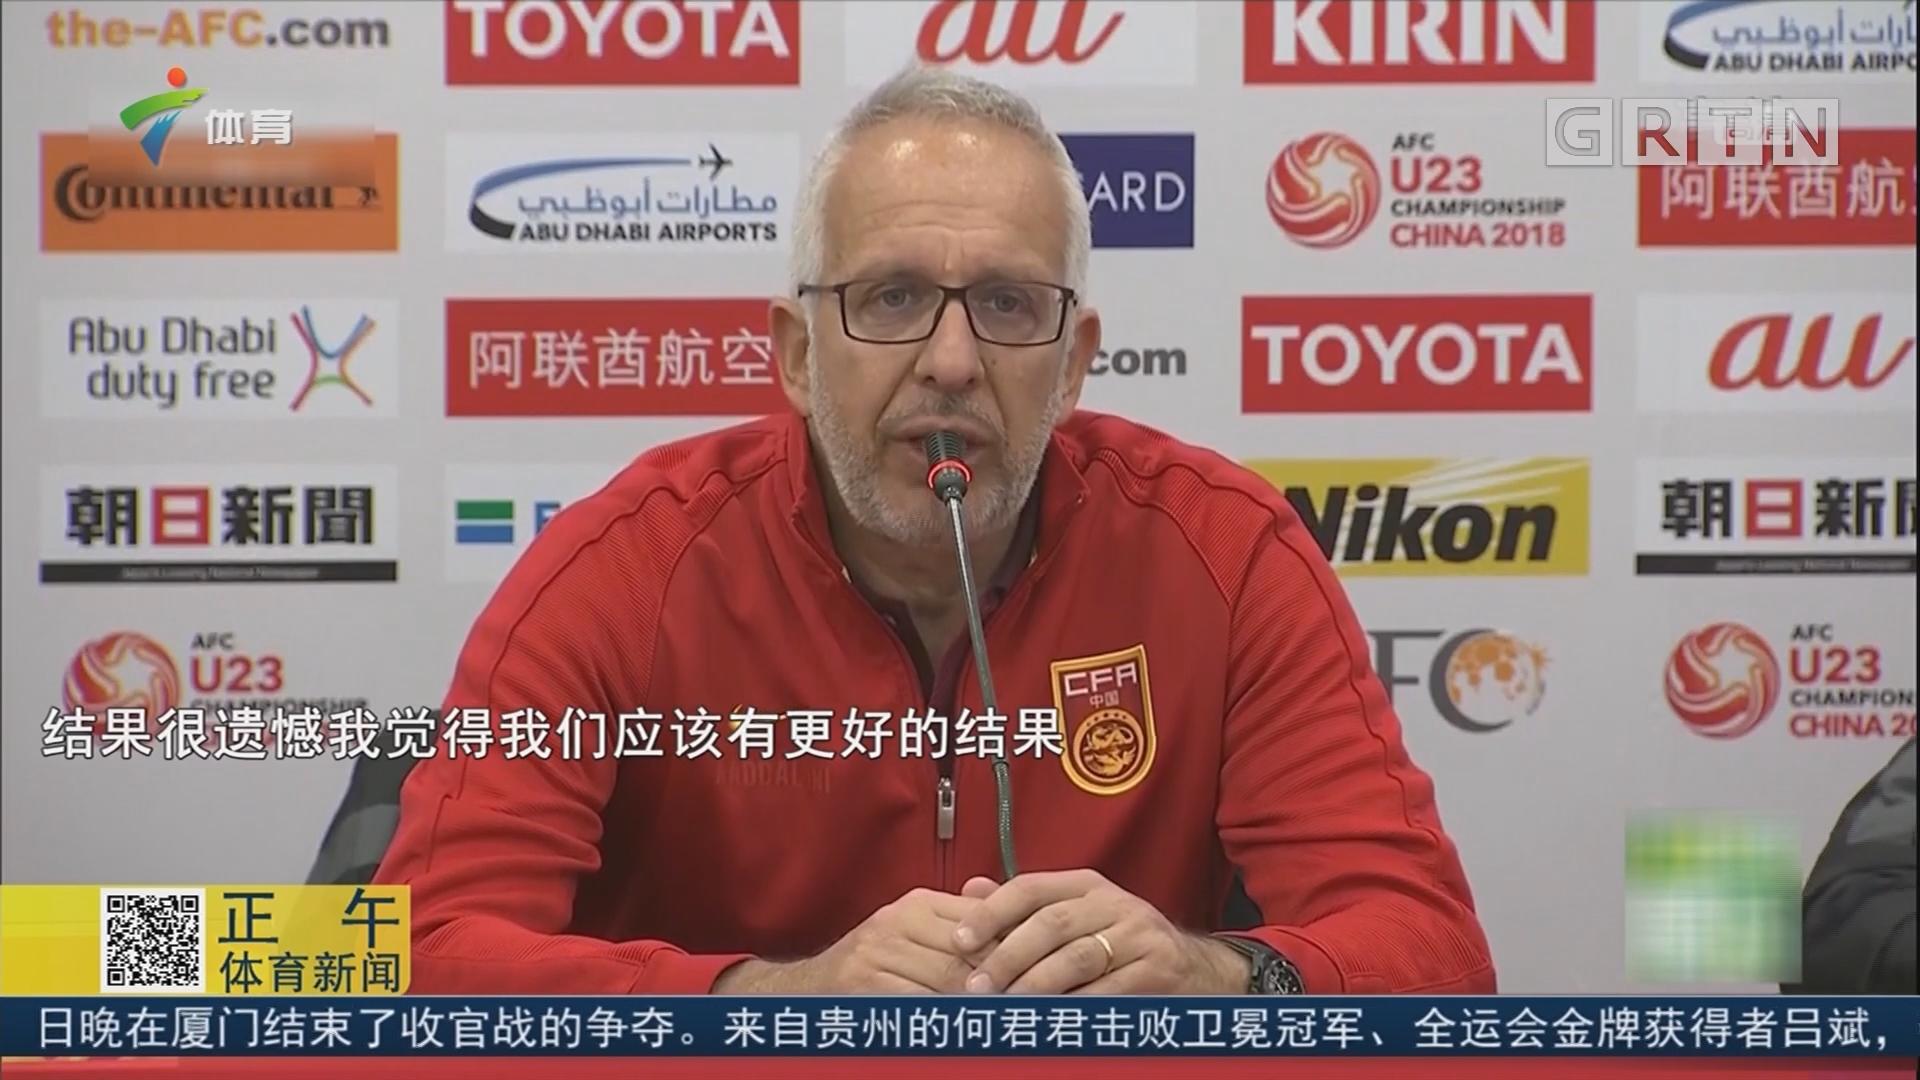 U23亚洲杯 中国队不敌卡塔尔队遗憾出局